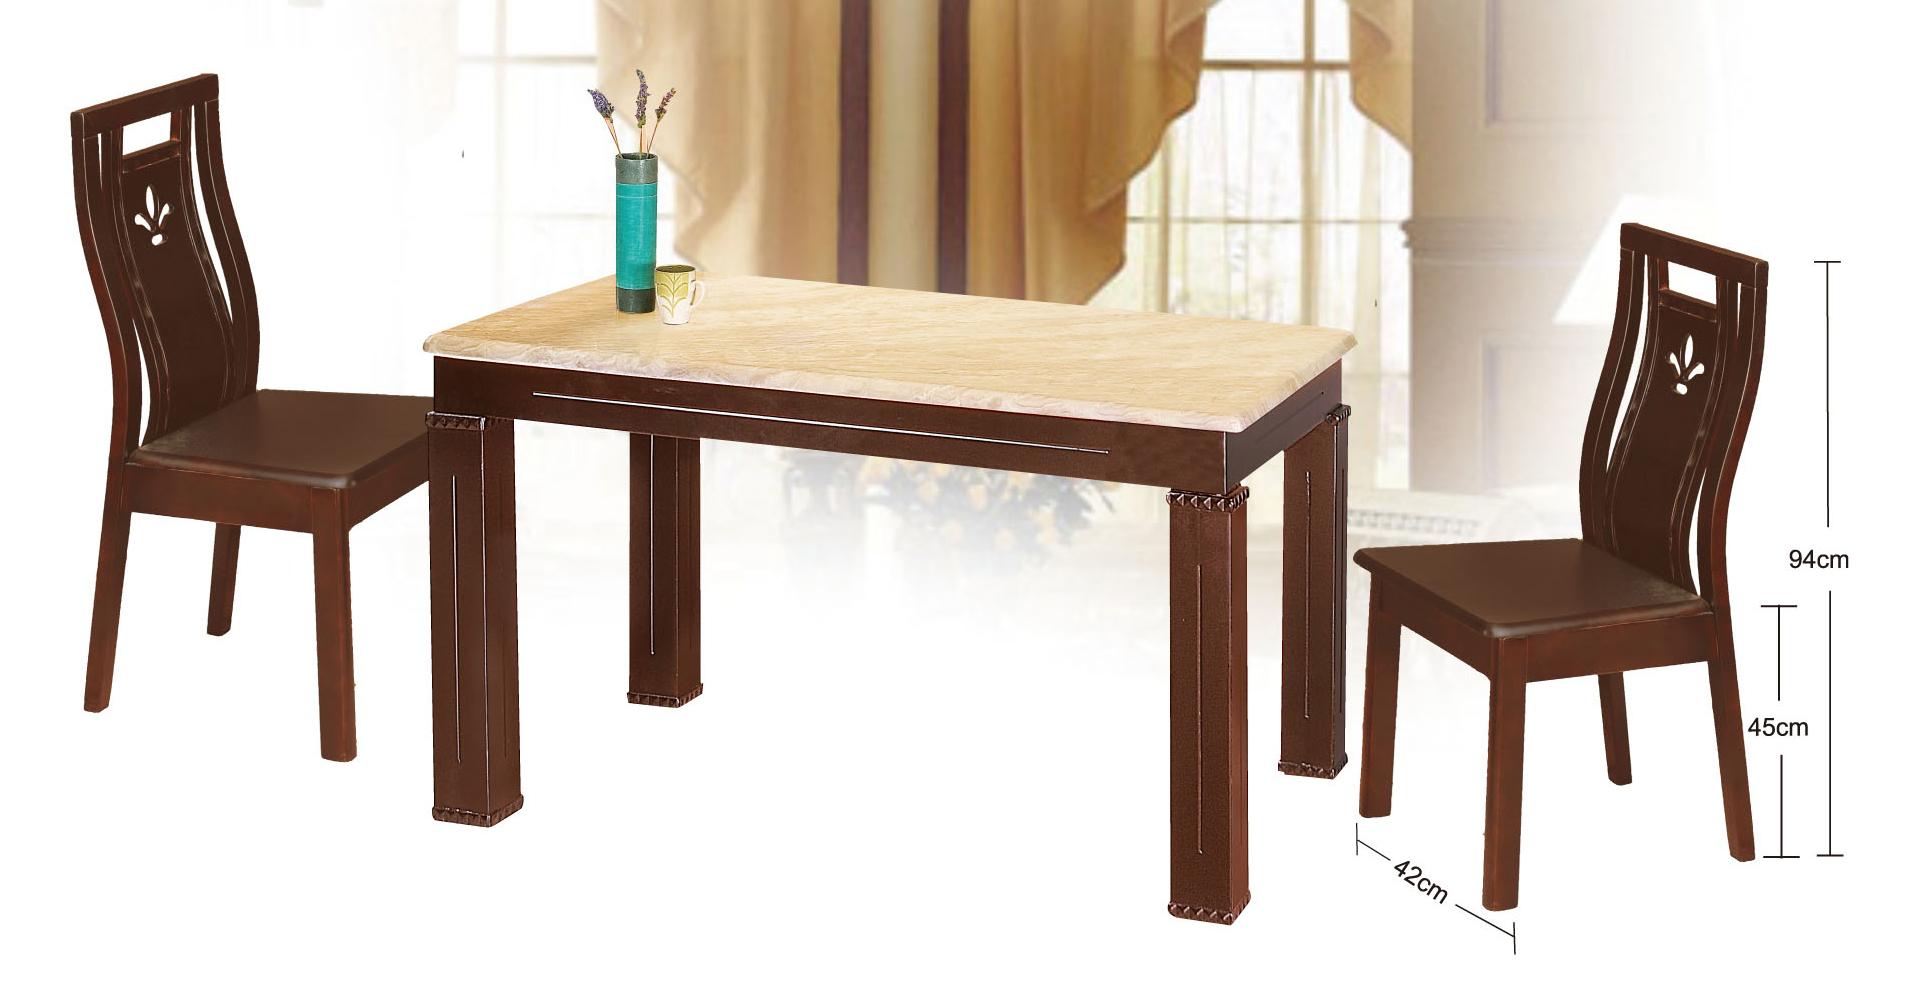 【尚品傢俱】JJ-7101 新西米石胡桃實木餐桌